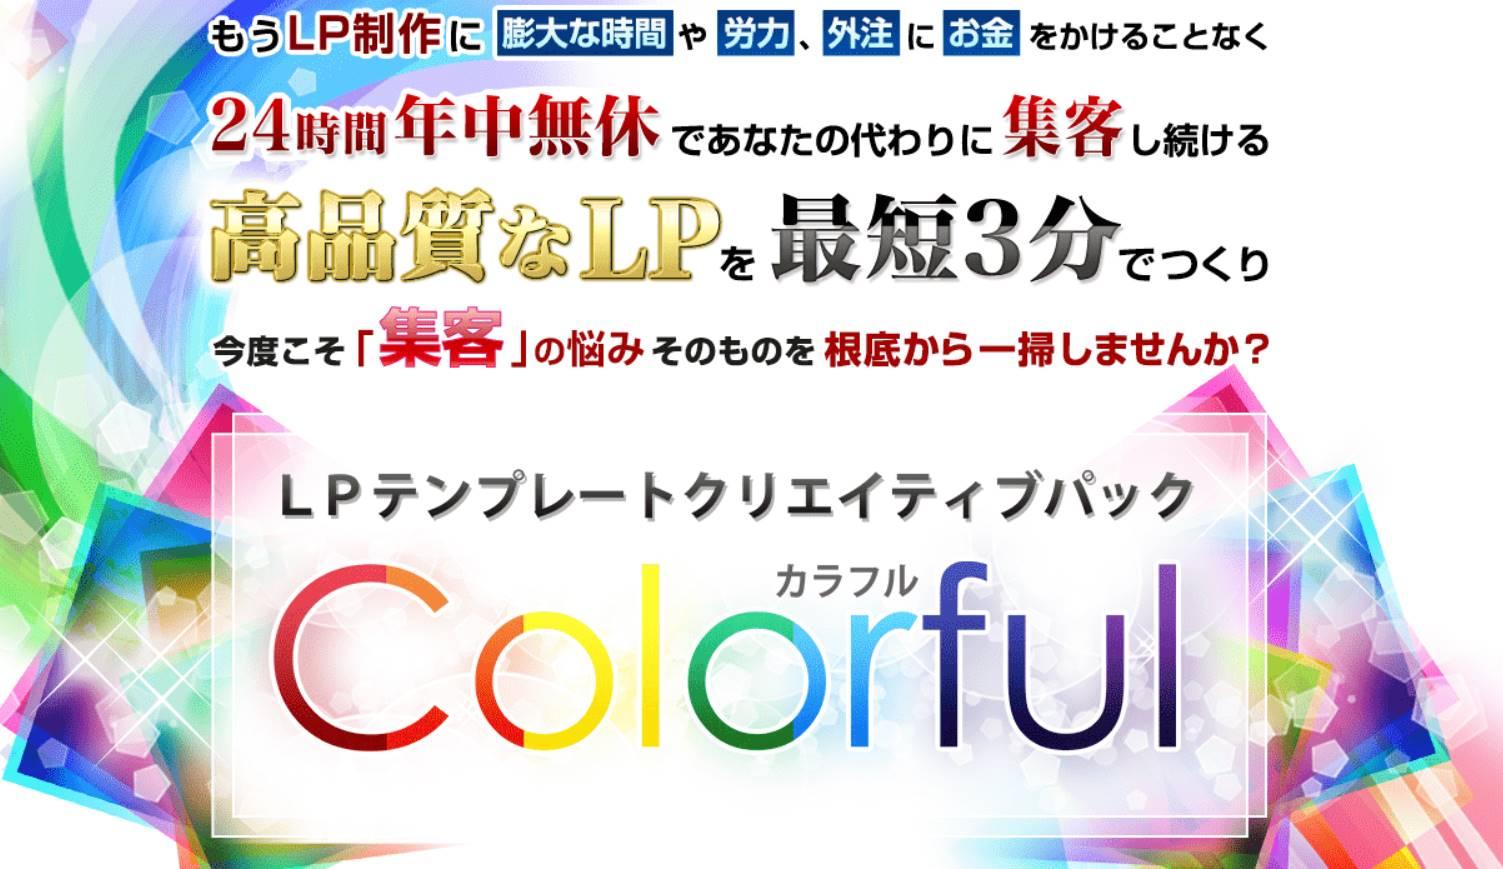 カラフル(Colorful)